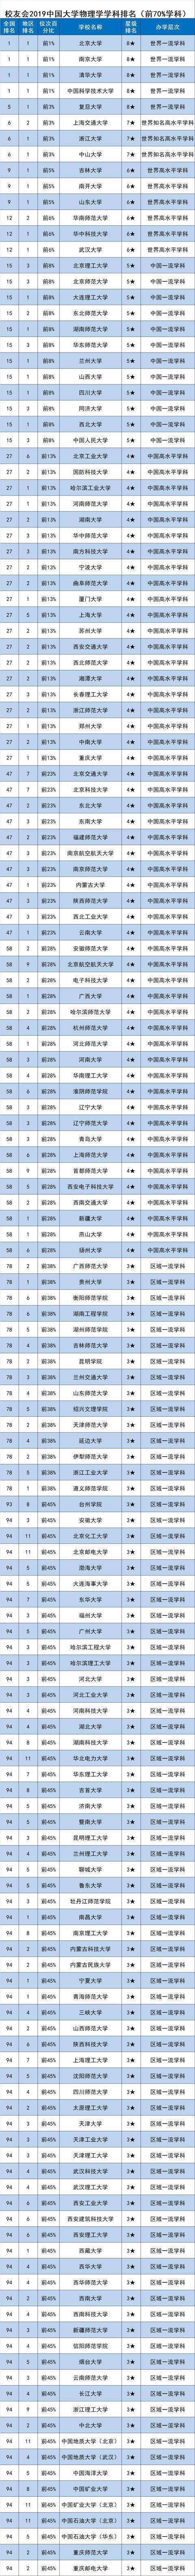 校友会2019中国一流学科排名-物理学学科排名,北京大学第一